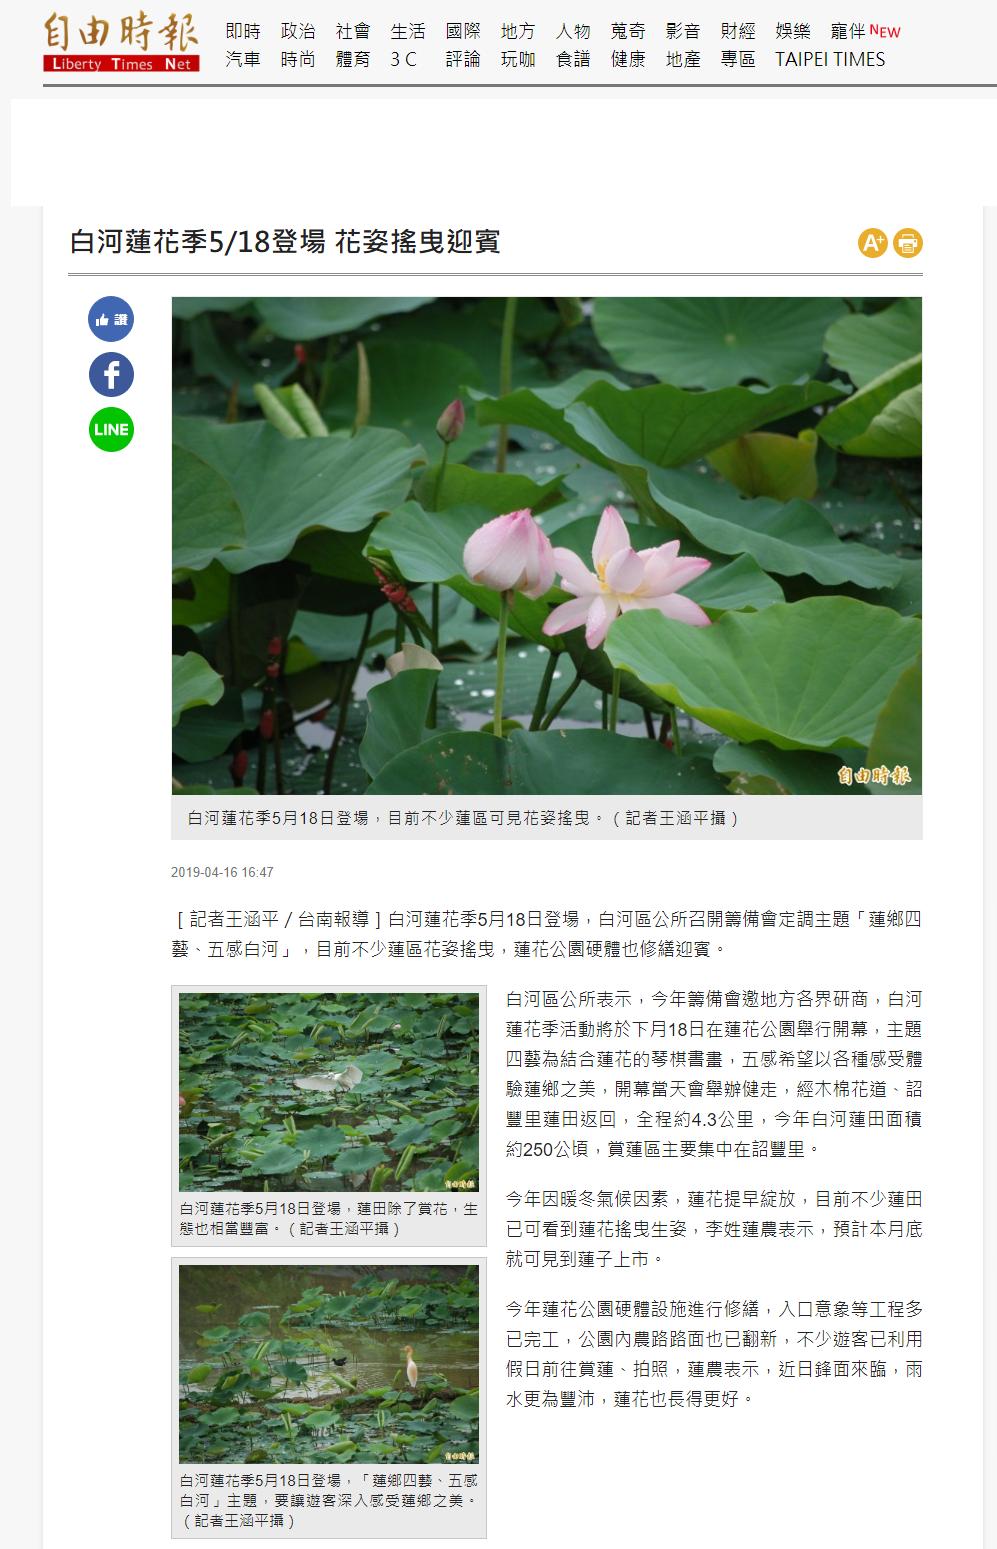 白河蓮花季5月18登場-自由時報